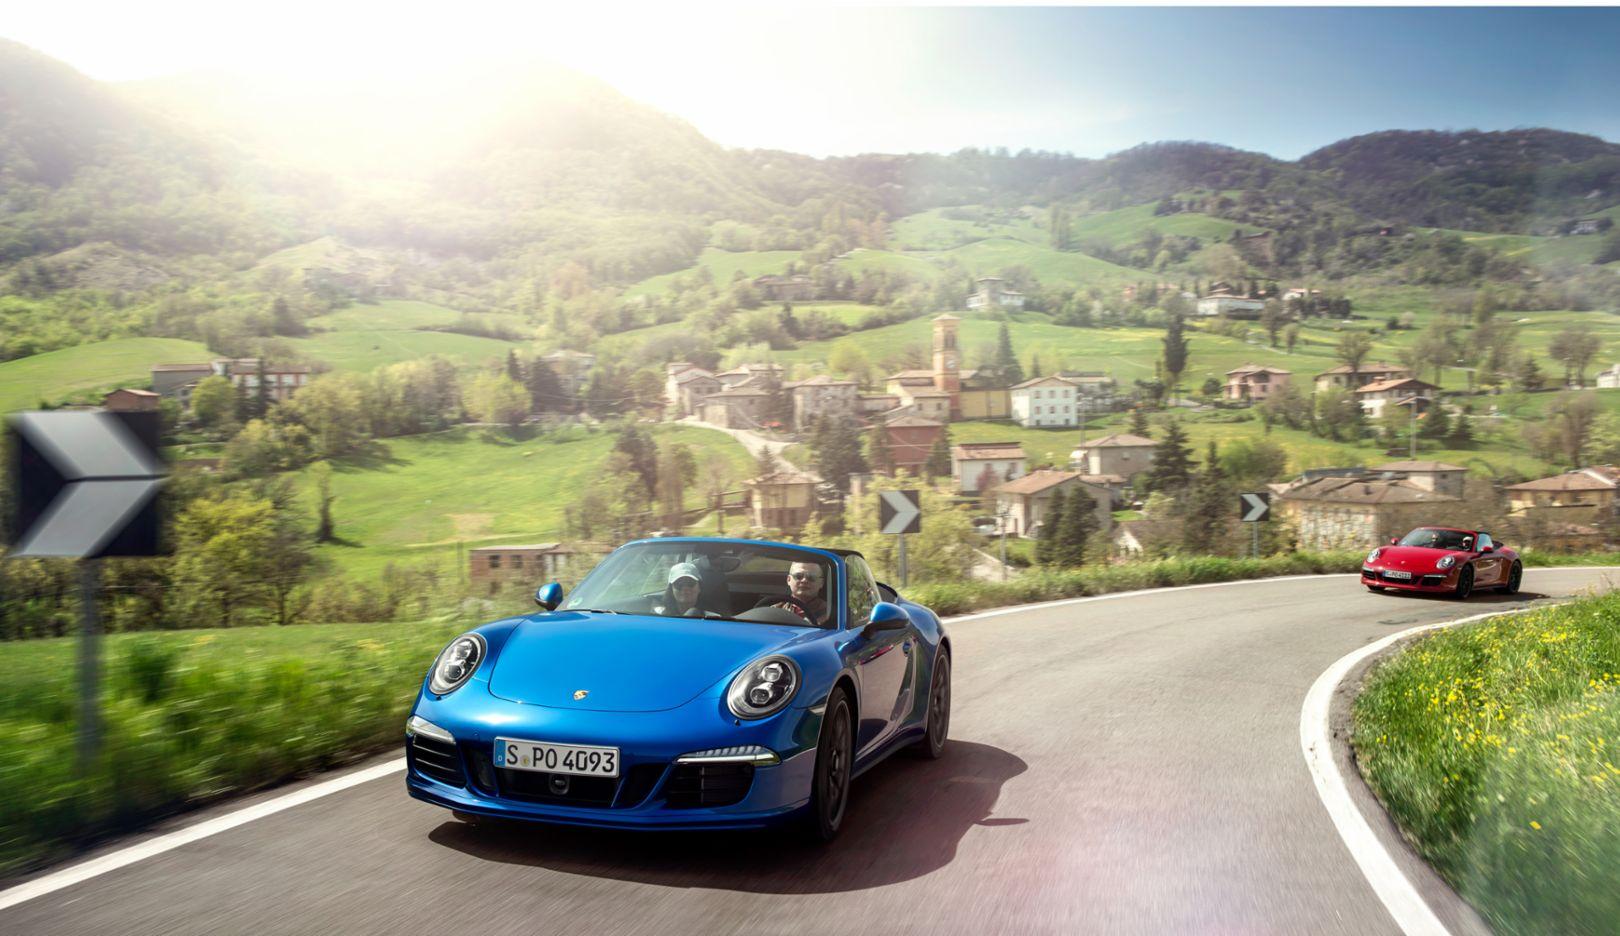 911 Carrera GTS Cabriolet, Porsche Travel Club, Tuscany, 2015, Porsche AG